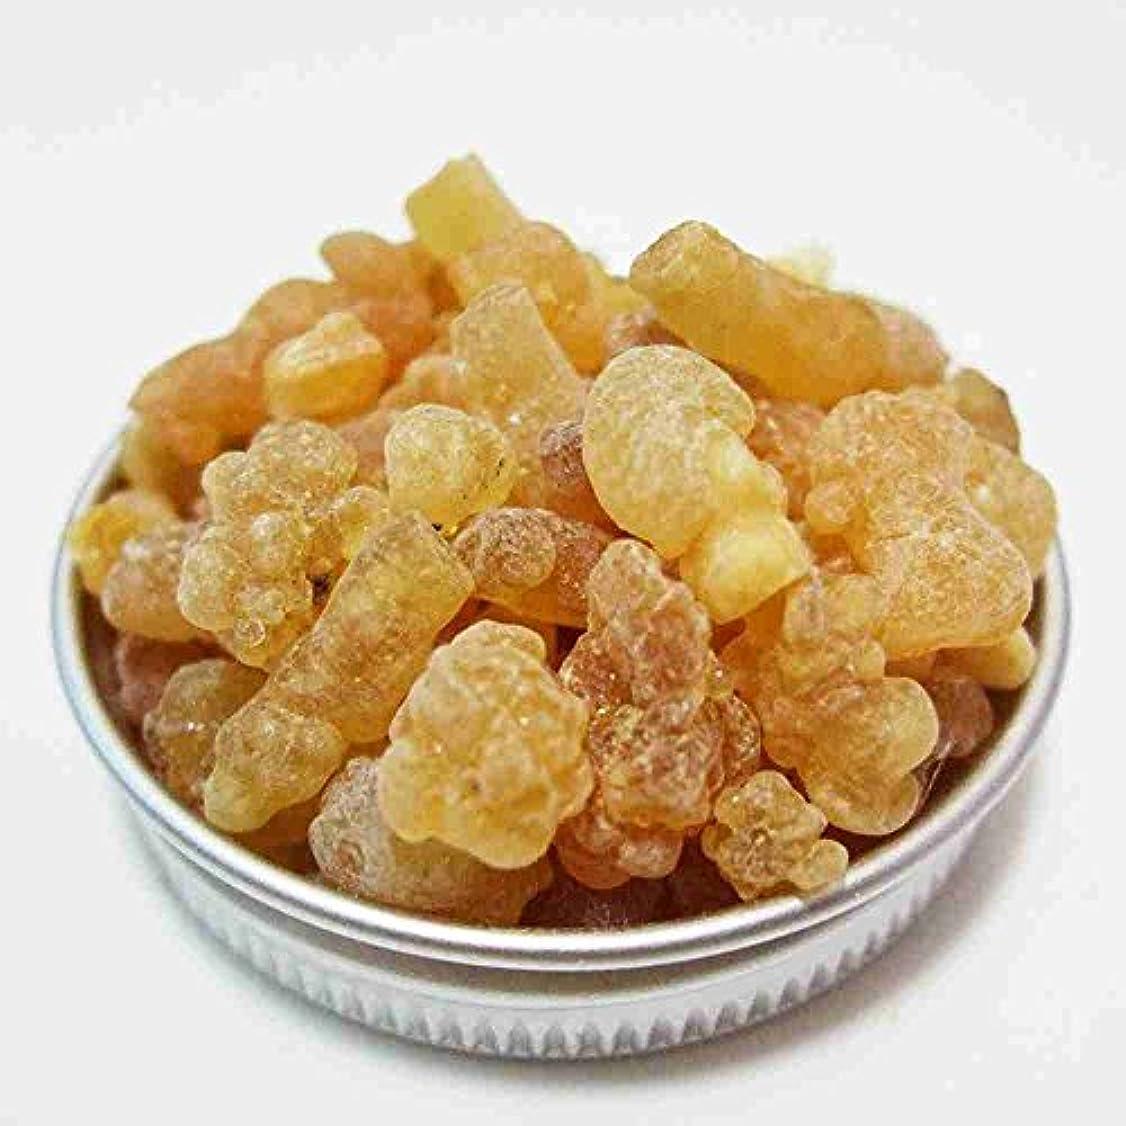 効果的餌ショッピングセンターフランキンセンス Frsnkincense (乳香) 天然樹脂香 フランキンセンス(乳香), 1 Ounce (28 g)